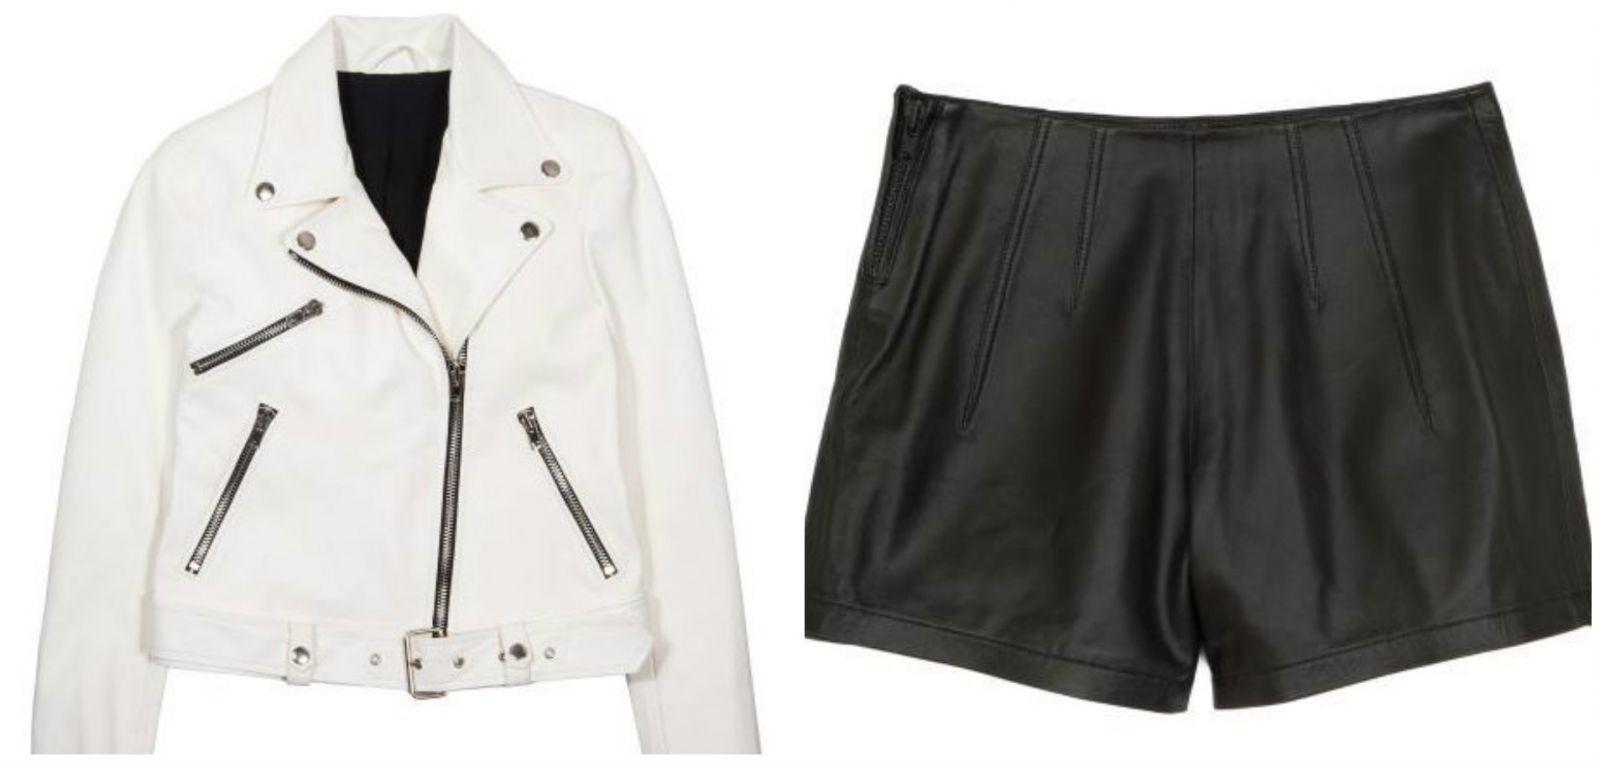 Кайли и Кендалл Дженнер коллекция одежды фото купить